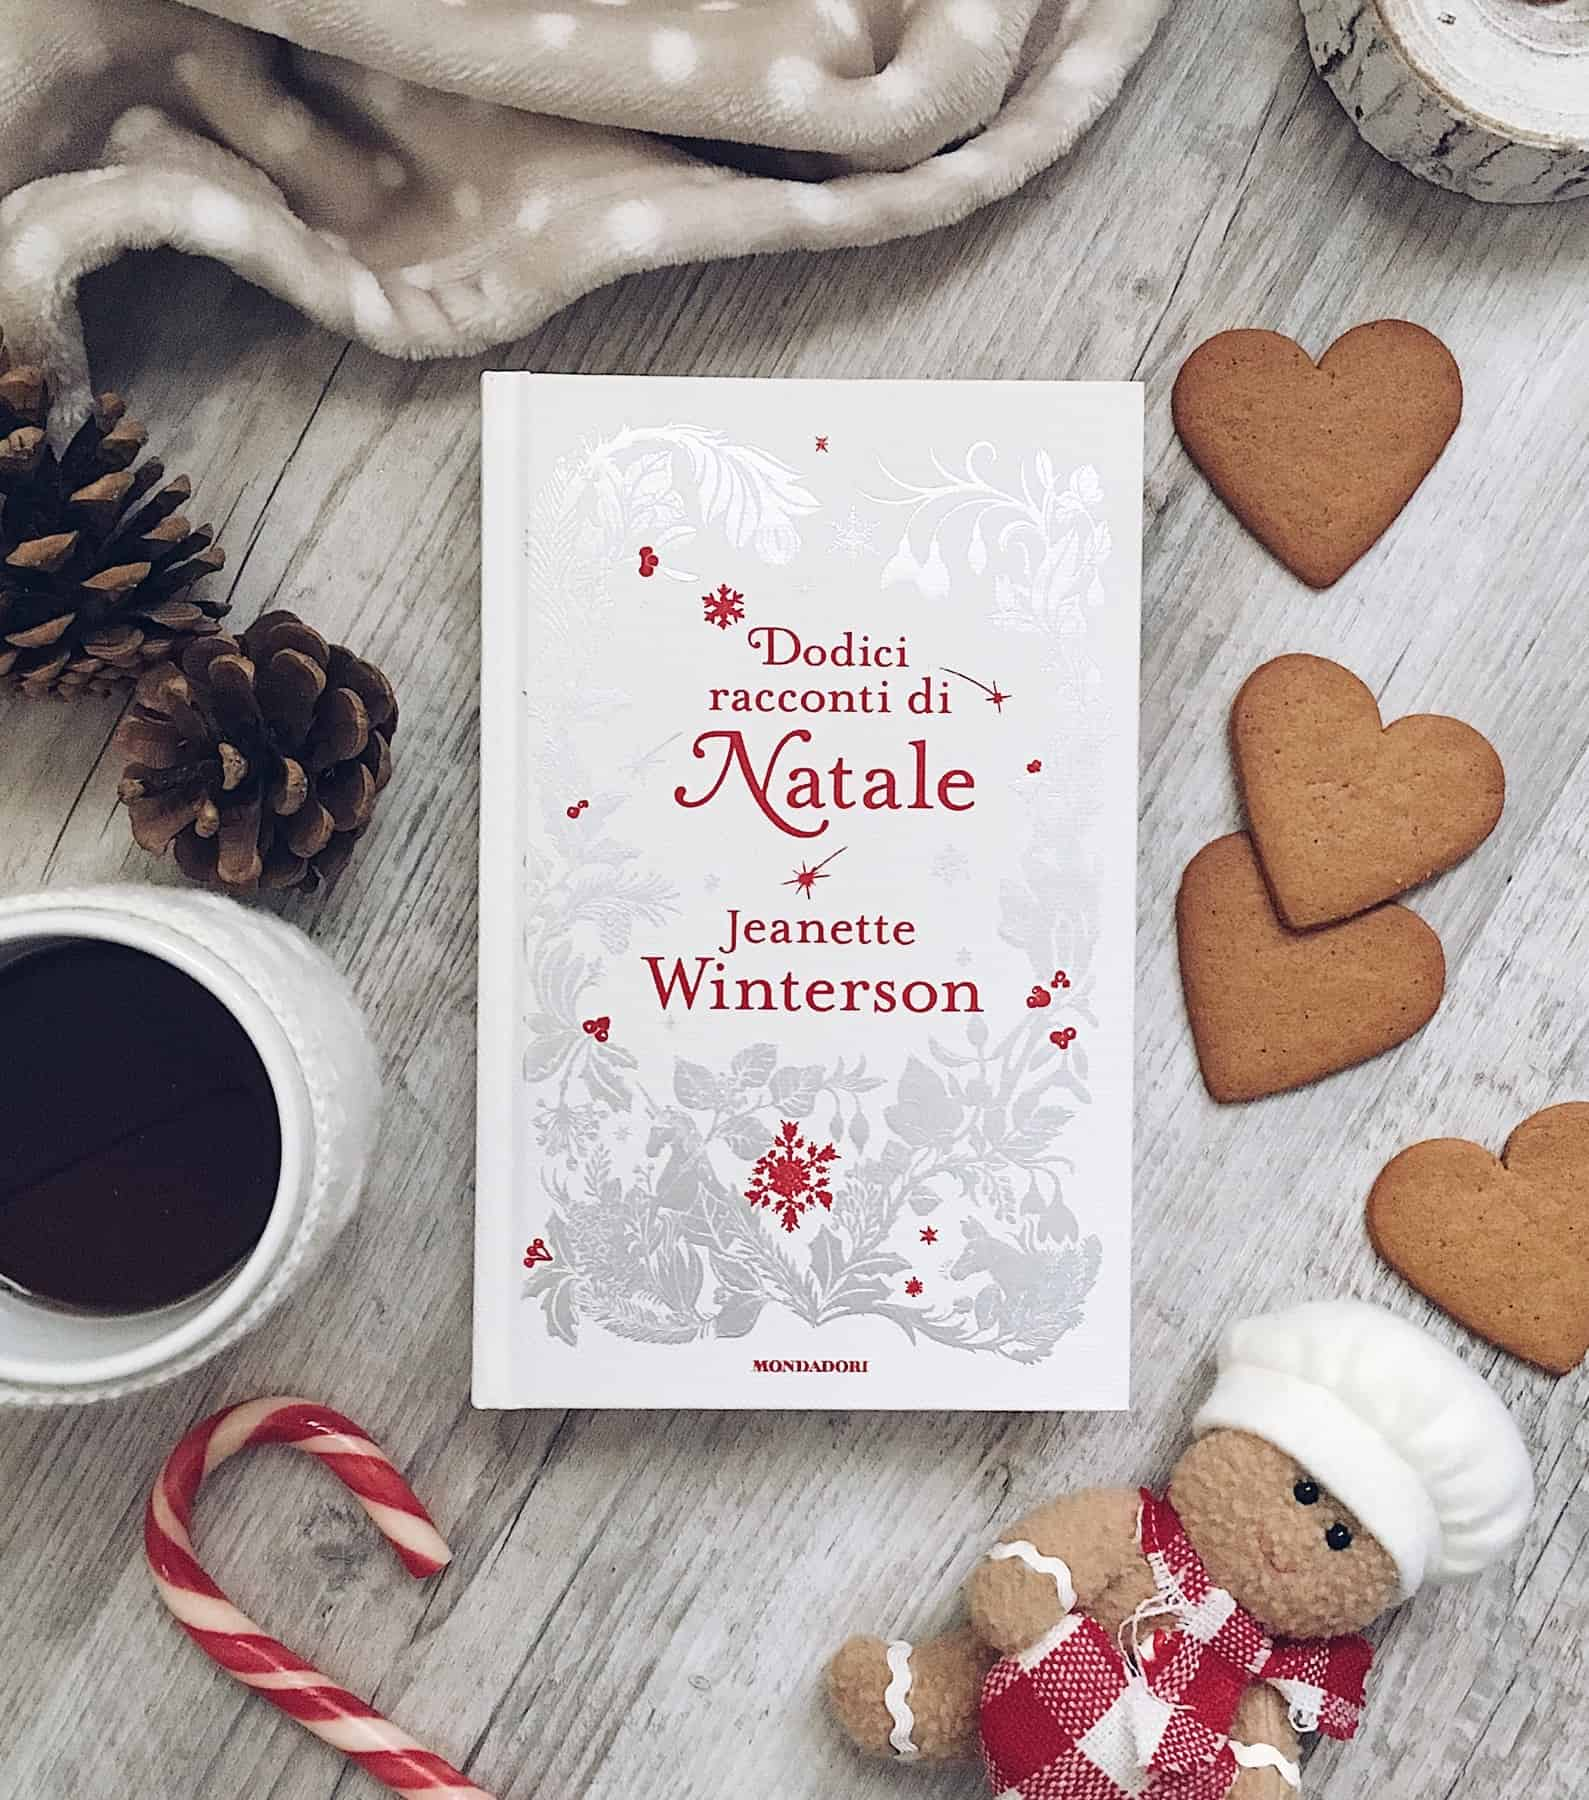 Dodici racconti di Natale, il libro per l'attesa natalizia.